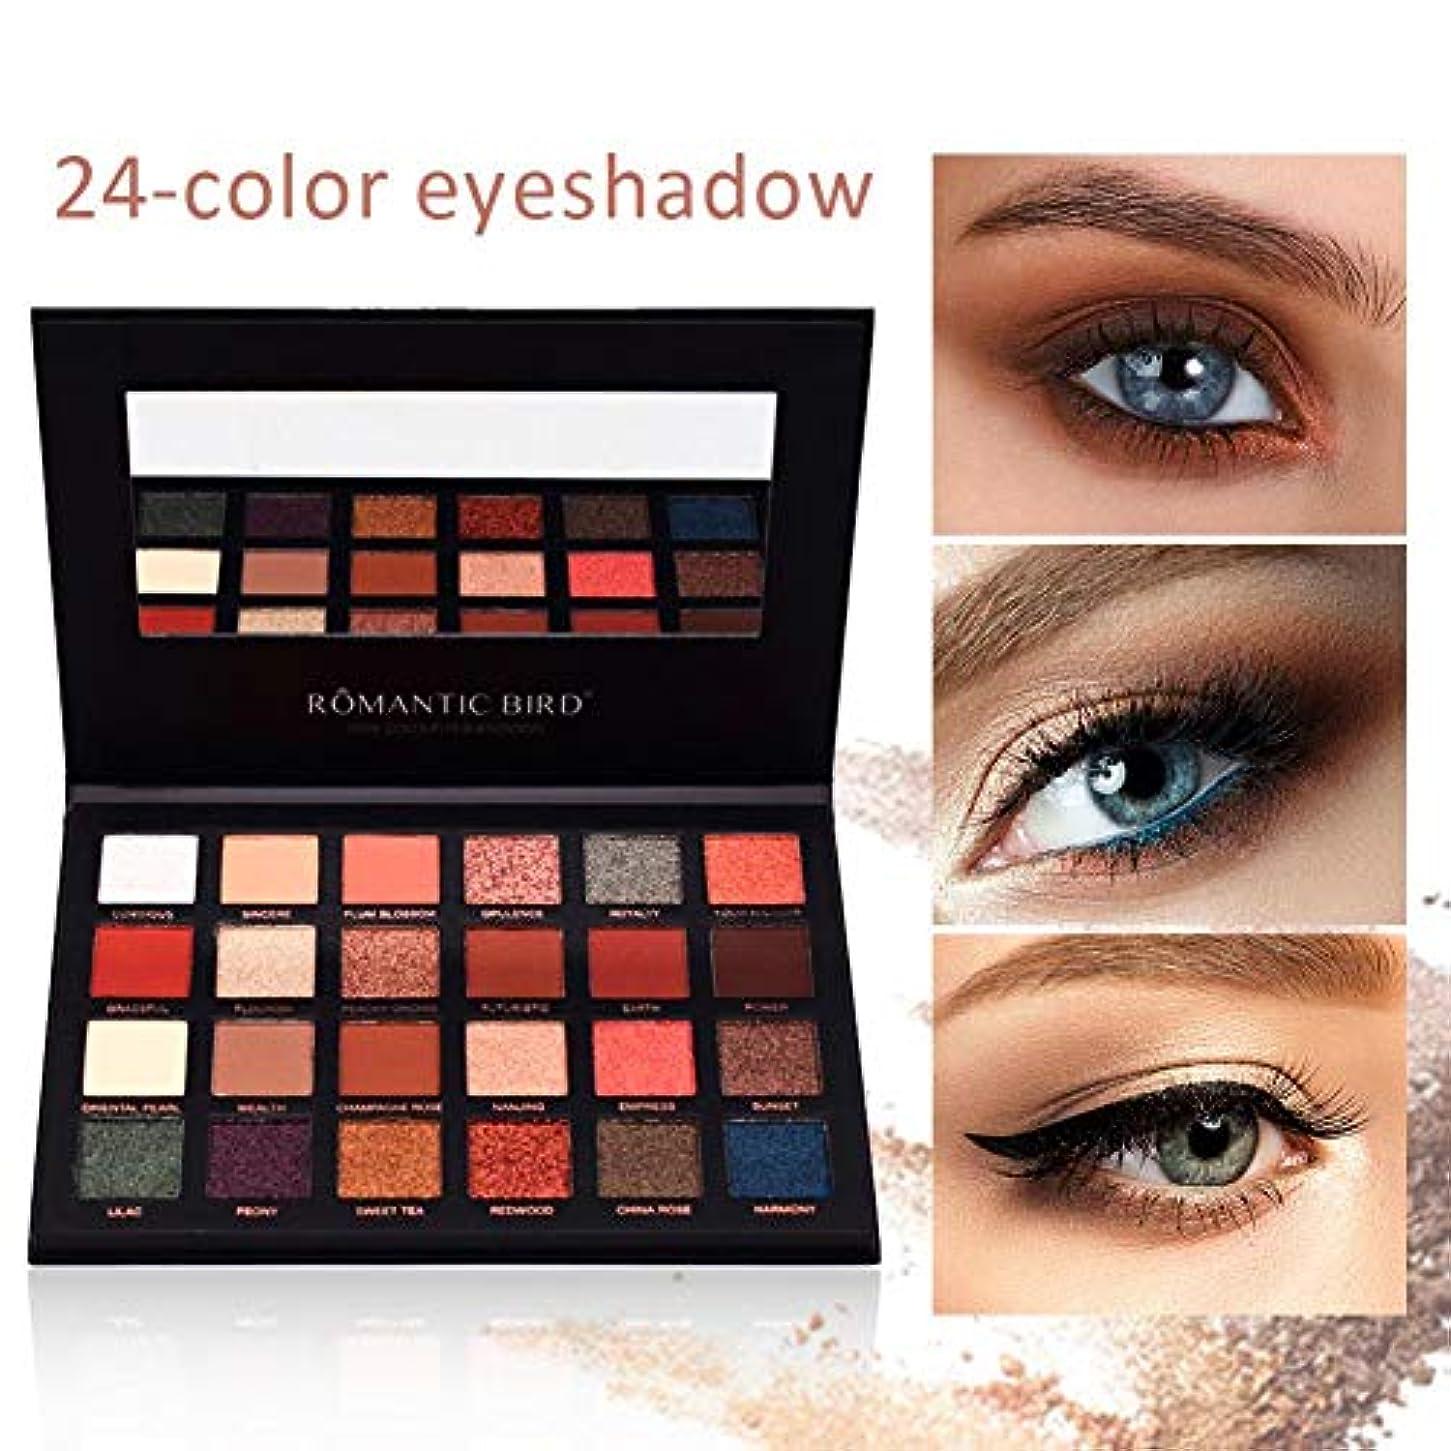 霧深いパイプライン時代遅れ24色アイシャドウパレット アイシャドウベース Eyeshadow Palette マットアイシャドウ グリッター アイシャドウ防水化粧キット